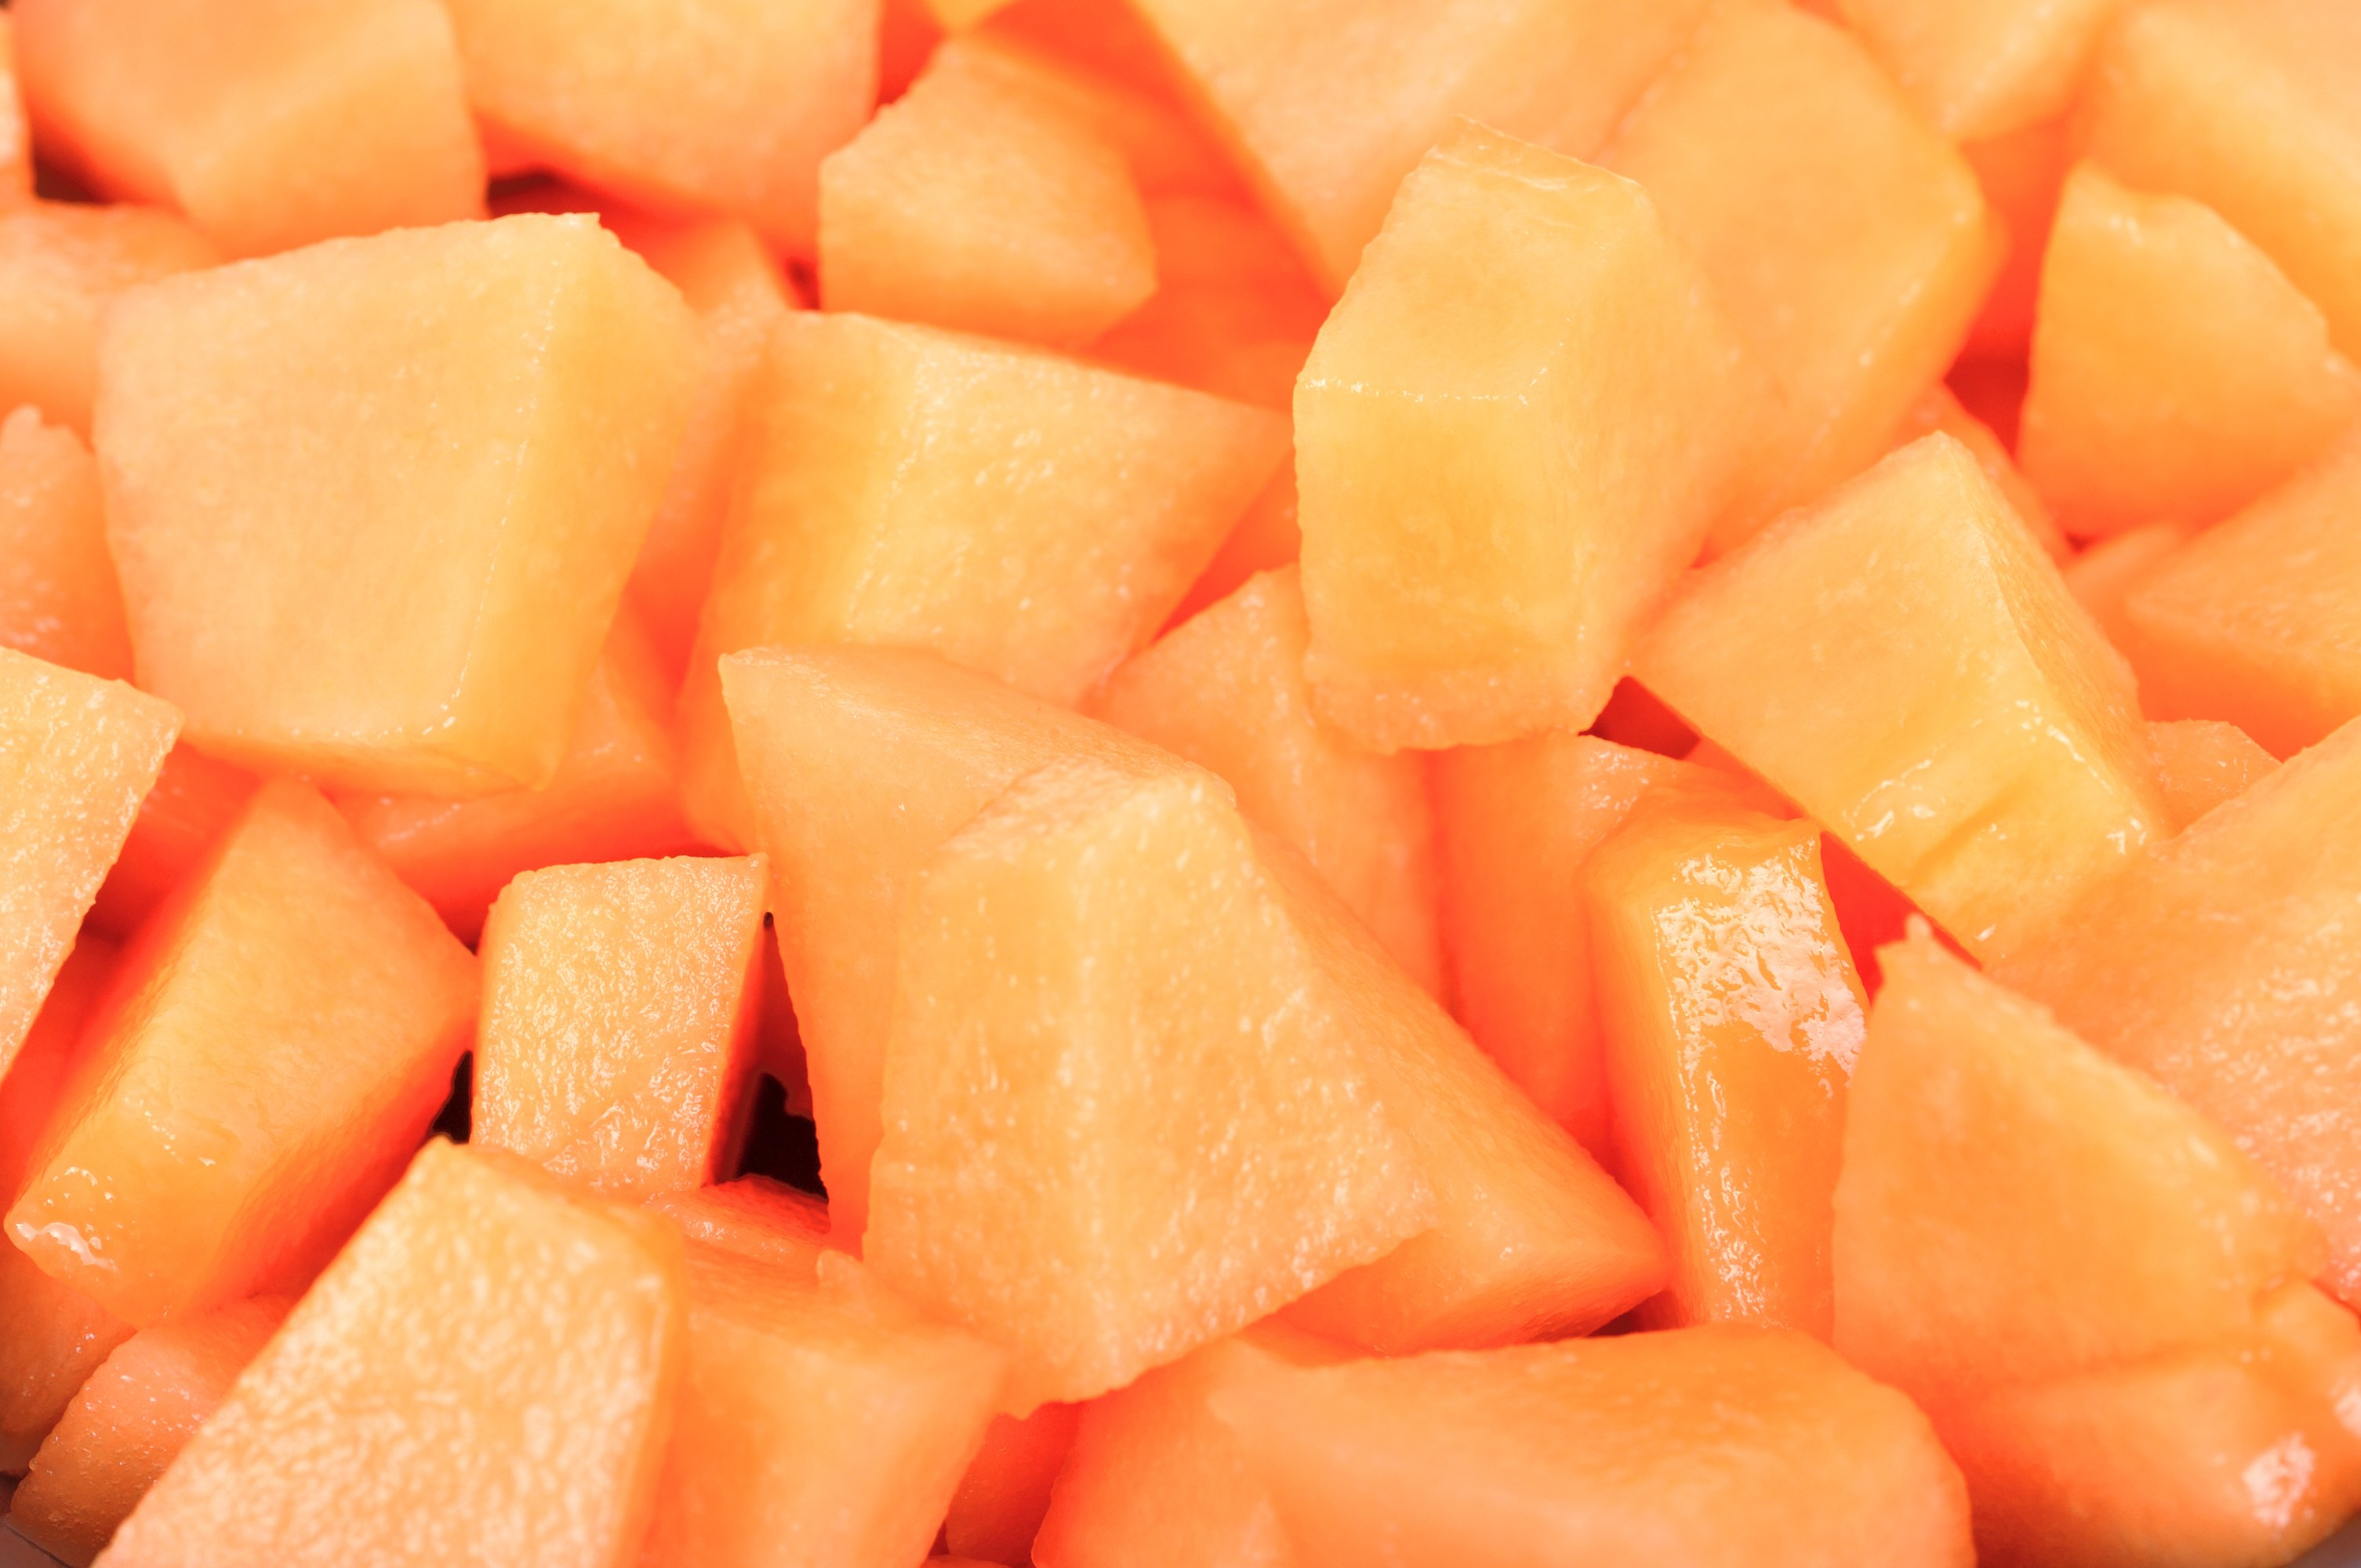 Uwaga na melony skażone salmonellą